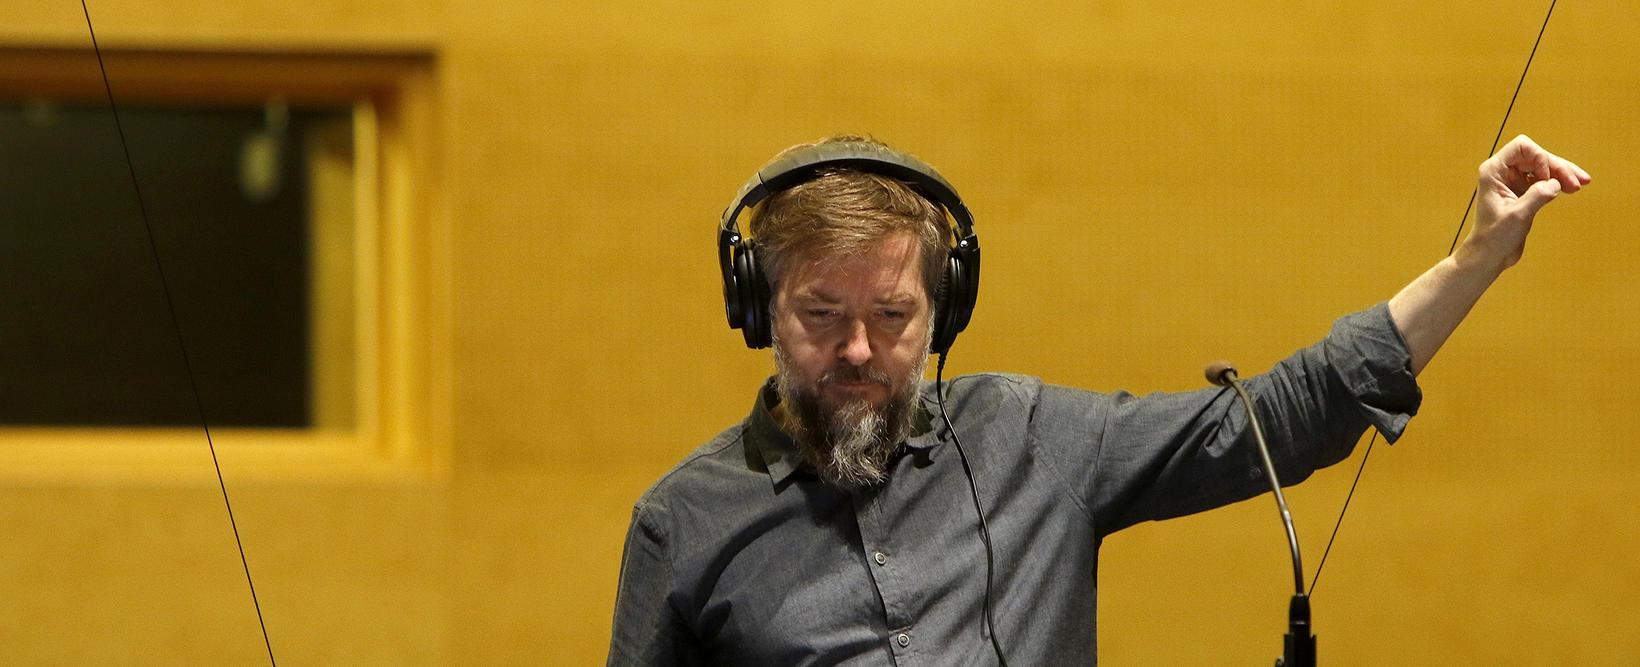 Atli Örvarsson hefur öðlast heimsfrægð fyrir kvikmyndatónlist sína.